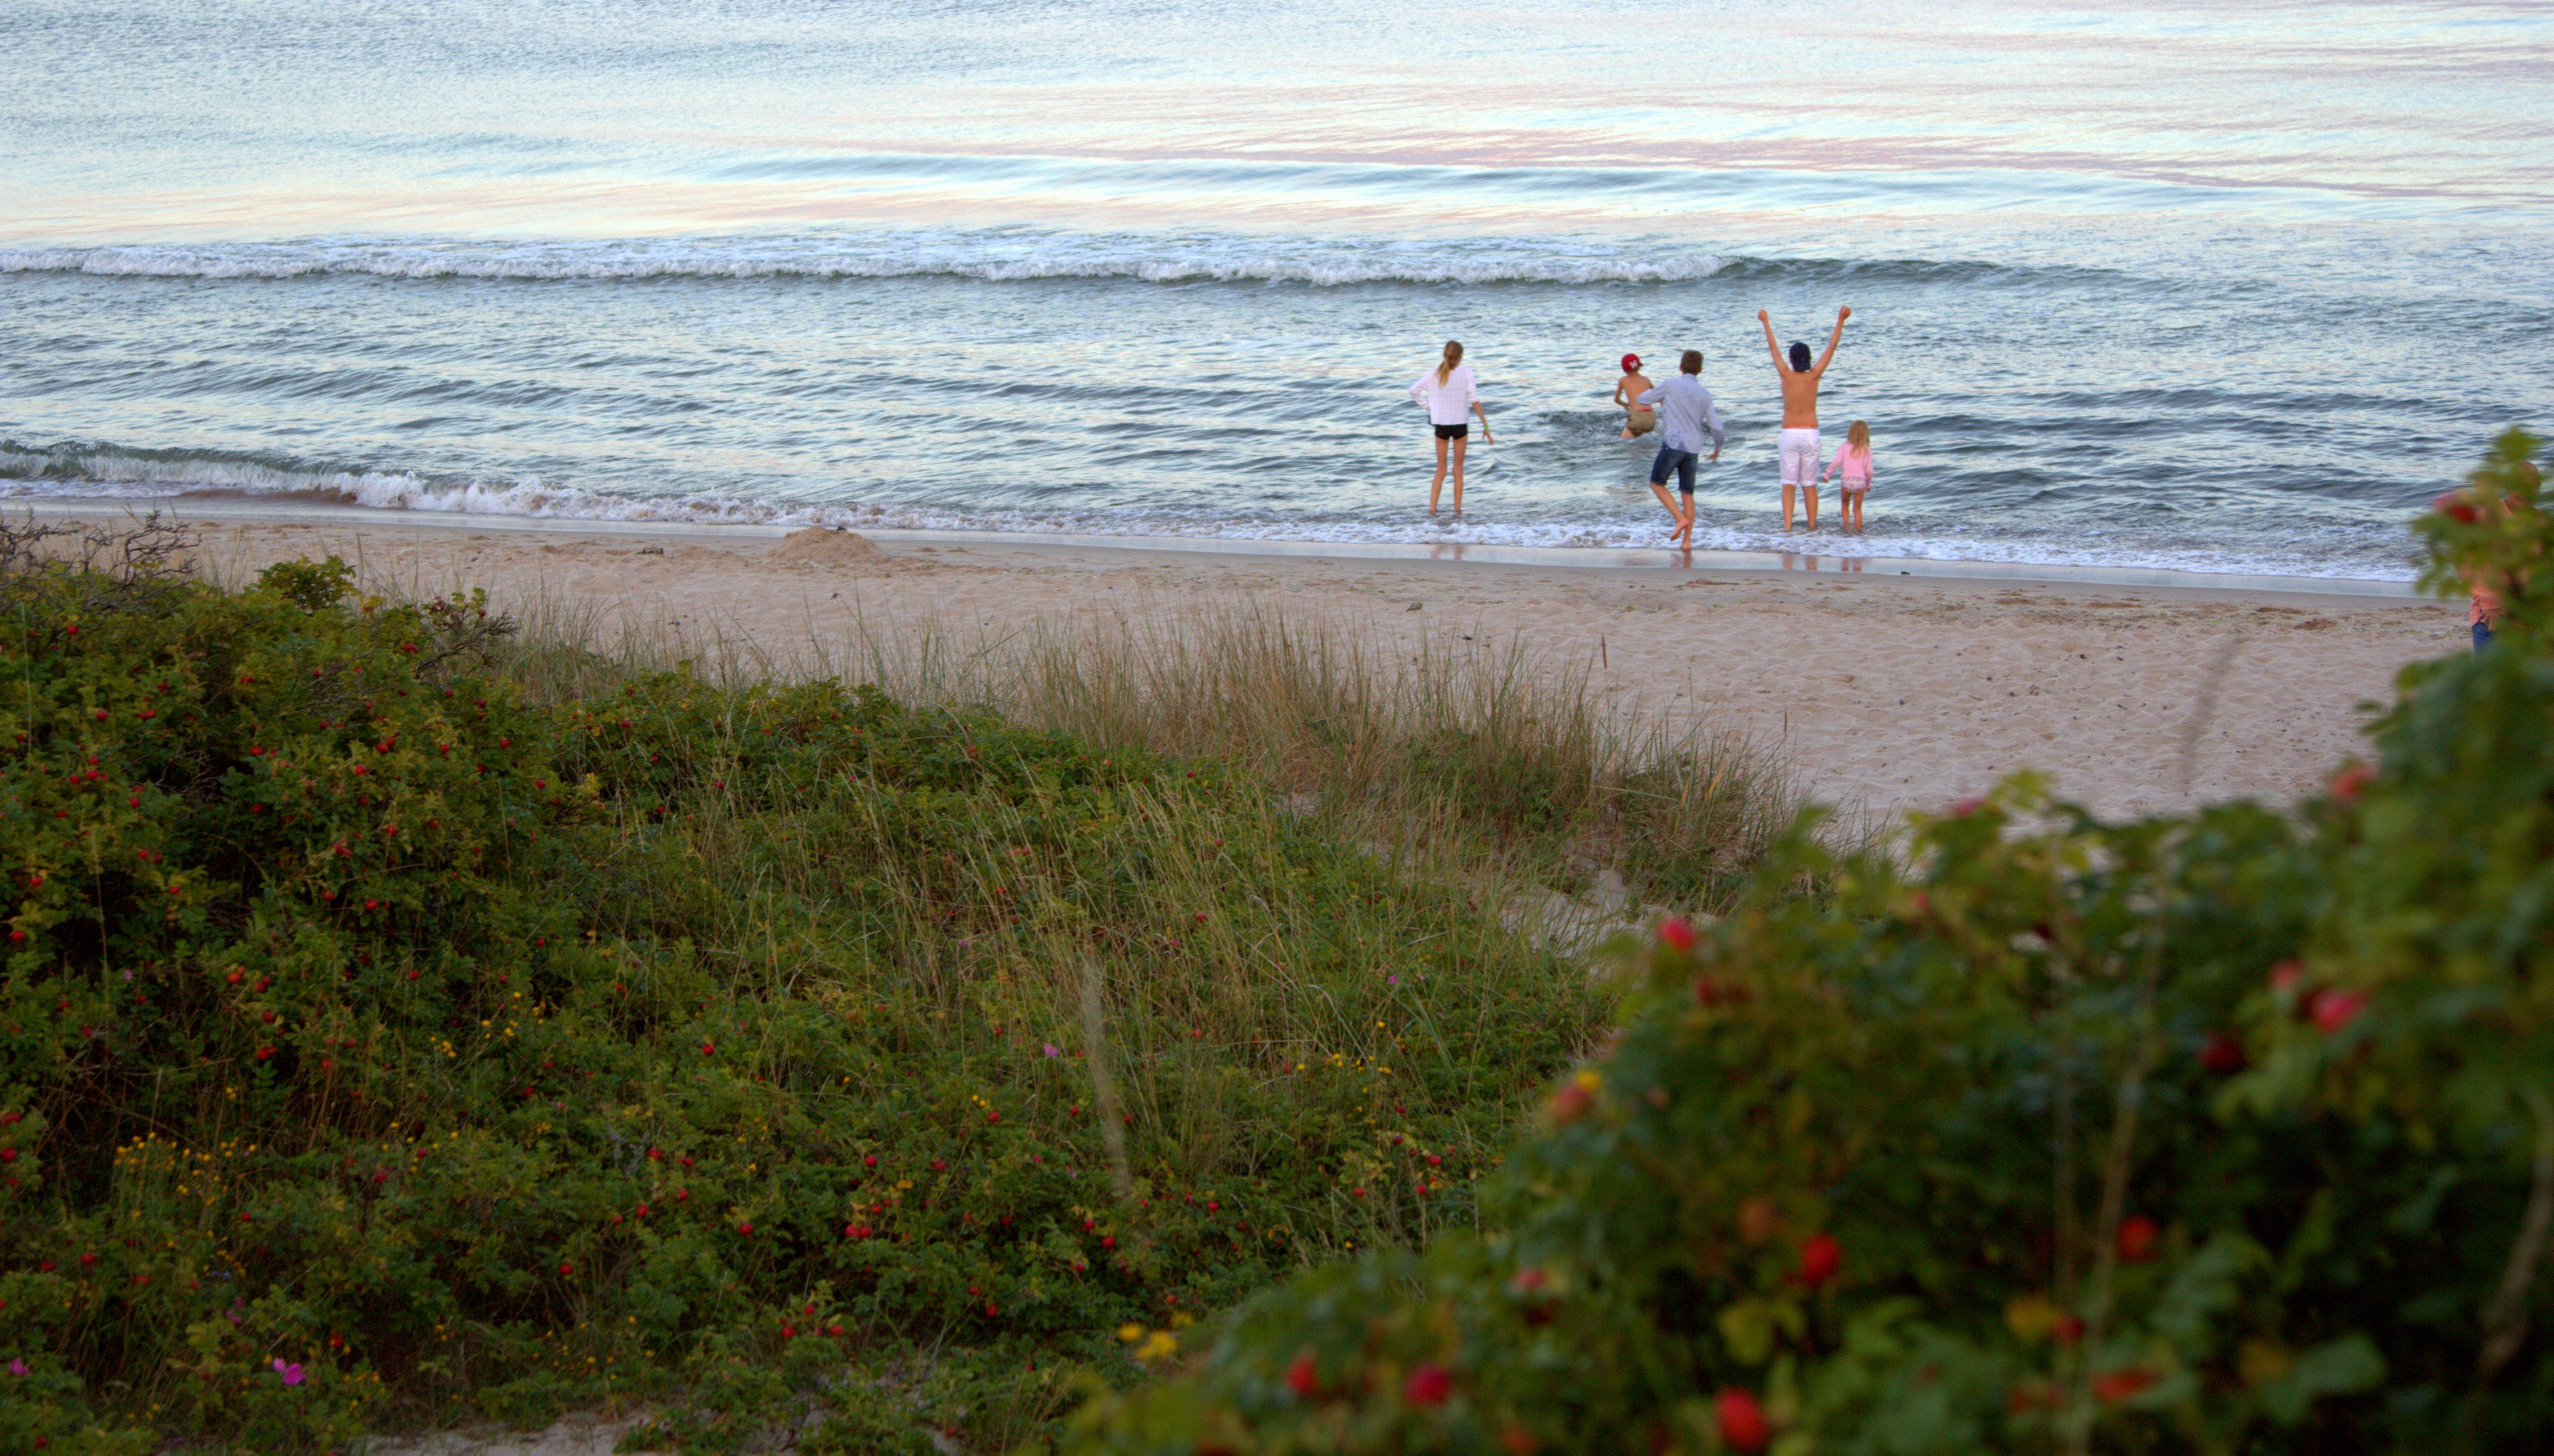 Sydkusten Skåne strand bad